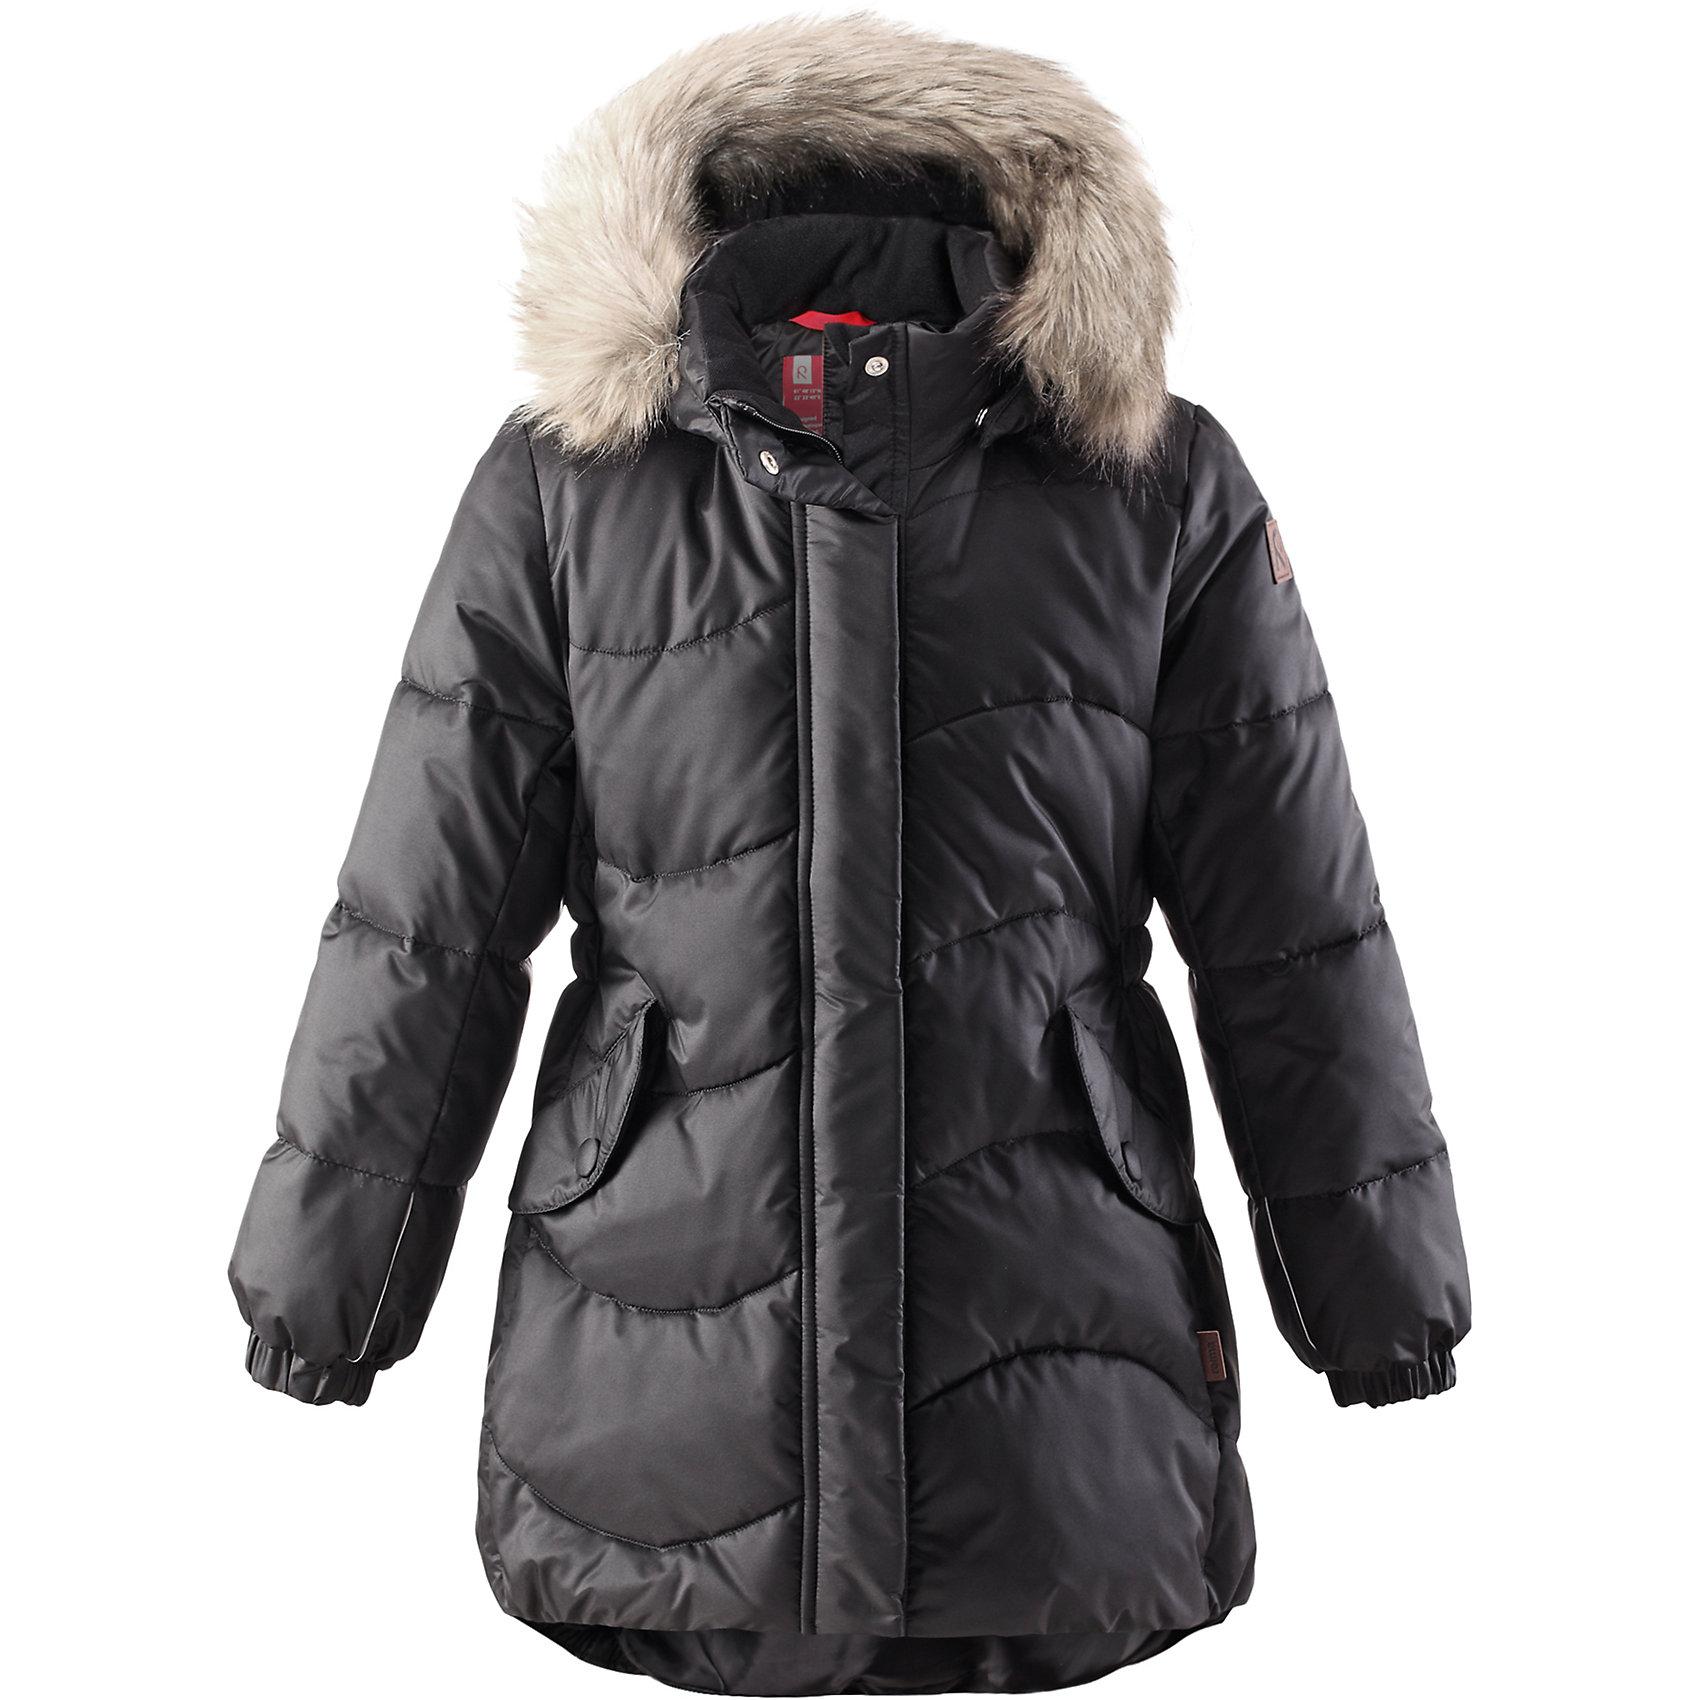 Пальто Sula для девочки ReimaПальто для девочки Reima<br>Зимняя куртка для подростков. Водоотталкивающий, ветронепроницаемый, «дышащий» и грязеотталкивающий материал. Крой для девочек. Гладкая подкладка из полиэстра. Имитация пуха. Безопасный съемный капюшон с отсоединяемой меховой каймой из искусственного меха. Эластичные манжеты. Эластичная талия. Два кармана с клапанами. Безопасные светоотражающие элементы. Петля для дополнительных светоотражающих деталей.<br>Утеплитель: Reima® Pearl insulation,170 g<br>Уход:<br>Стирать по отдельности, вывернув наизнанку. Перед стиркой отстегните искусственный мех. Застегнуть молнии и липучки. Стирать моющим средством, не содержащим отбеливающие вещества. Полоскать без специального средства. Во избежание изменения цвета изделие необходимо вынуть из стиральной машинки незамедлительно после окончания программы стирки. Сушить при низкой температуре.<br>Состав:<br>65% Полиамид, 35% Полиэстер, полиуретановое покрытие<br><br>Ширина мм: 356<br>Глубина мм: 10<br>Высота мм: 245<br>Вес г: 519<br>Цвет: черный<br>Возраст от месяцев: 72<br>Возраст до месяцев: 84<br>Пол: Женский<br>Возраст: Детский<br>Размер: 122,116,164,146,104,128,140,158,110,152,134<br>SKU: 4778267